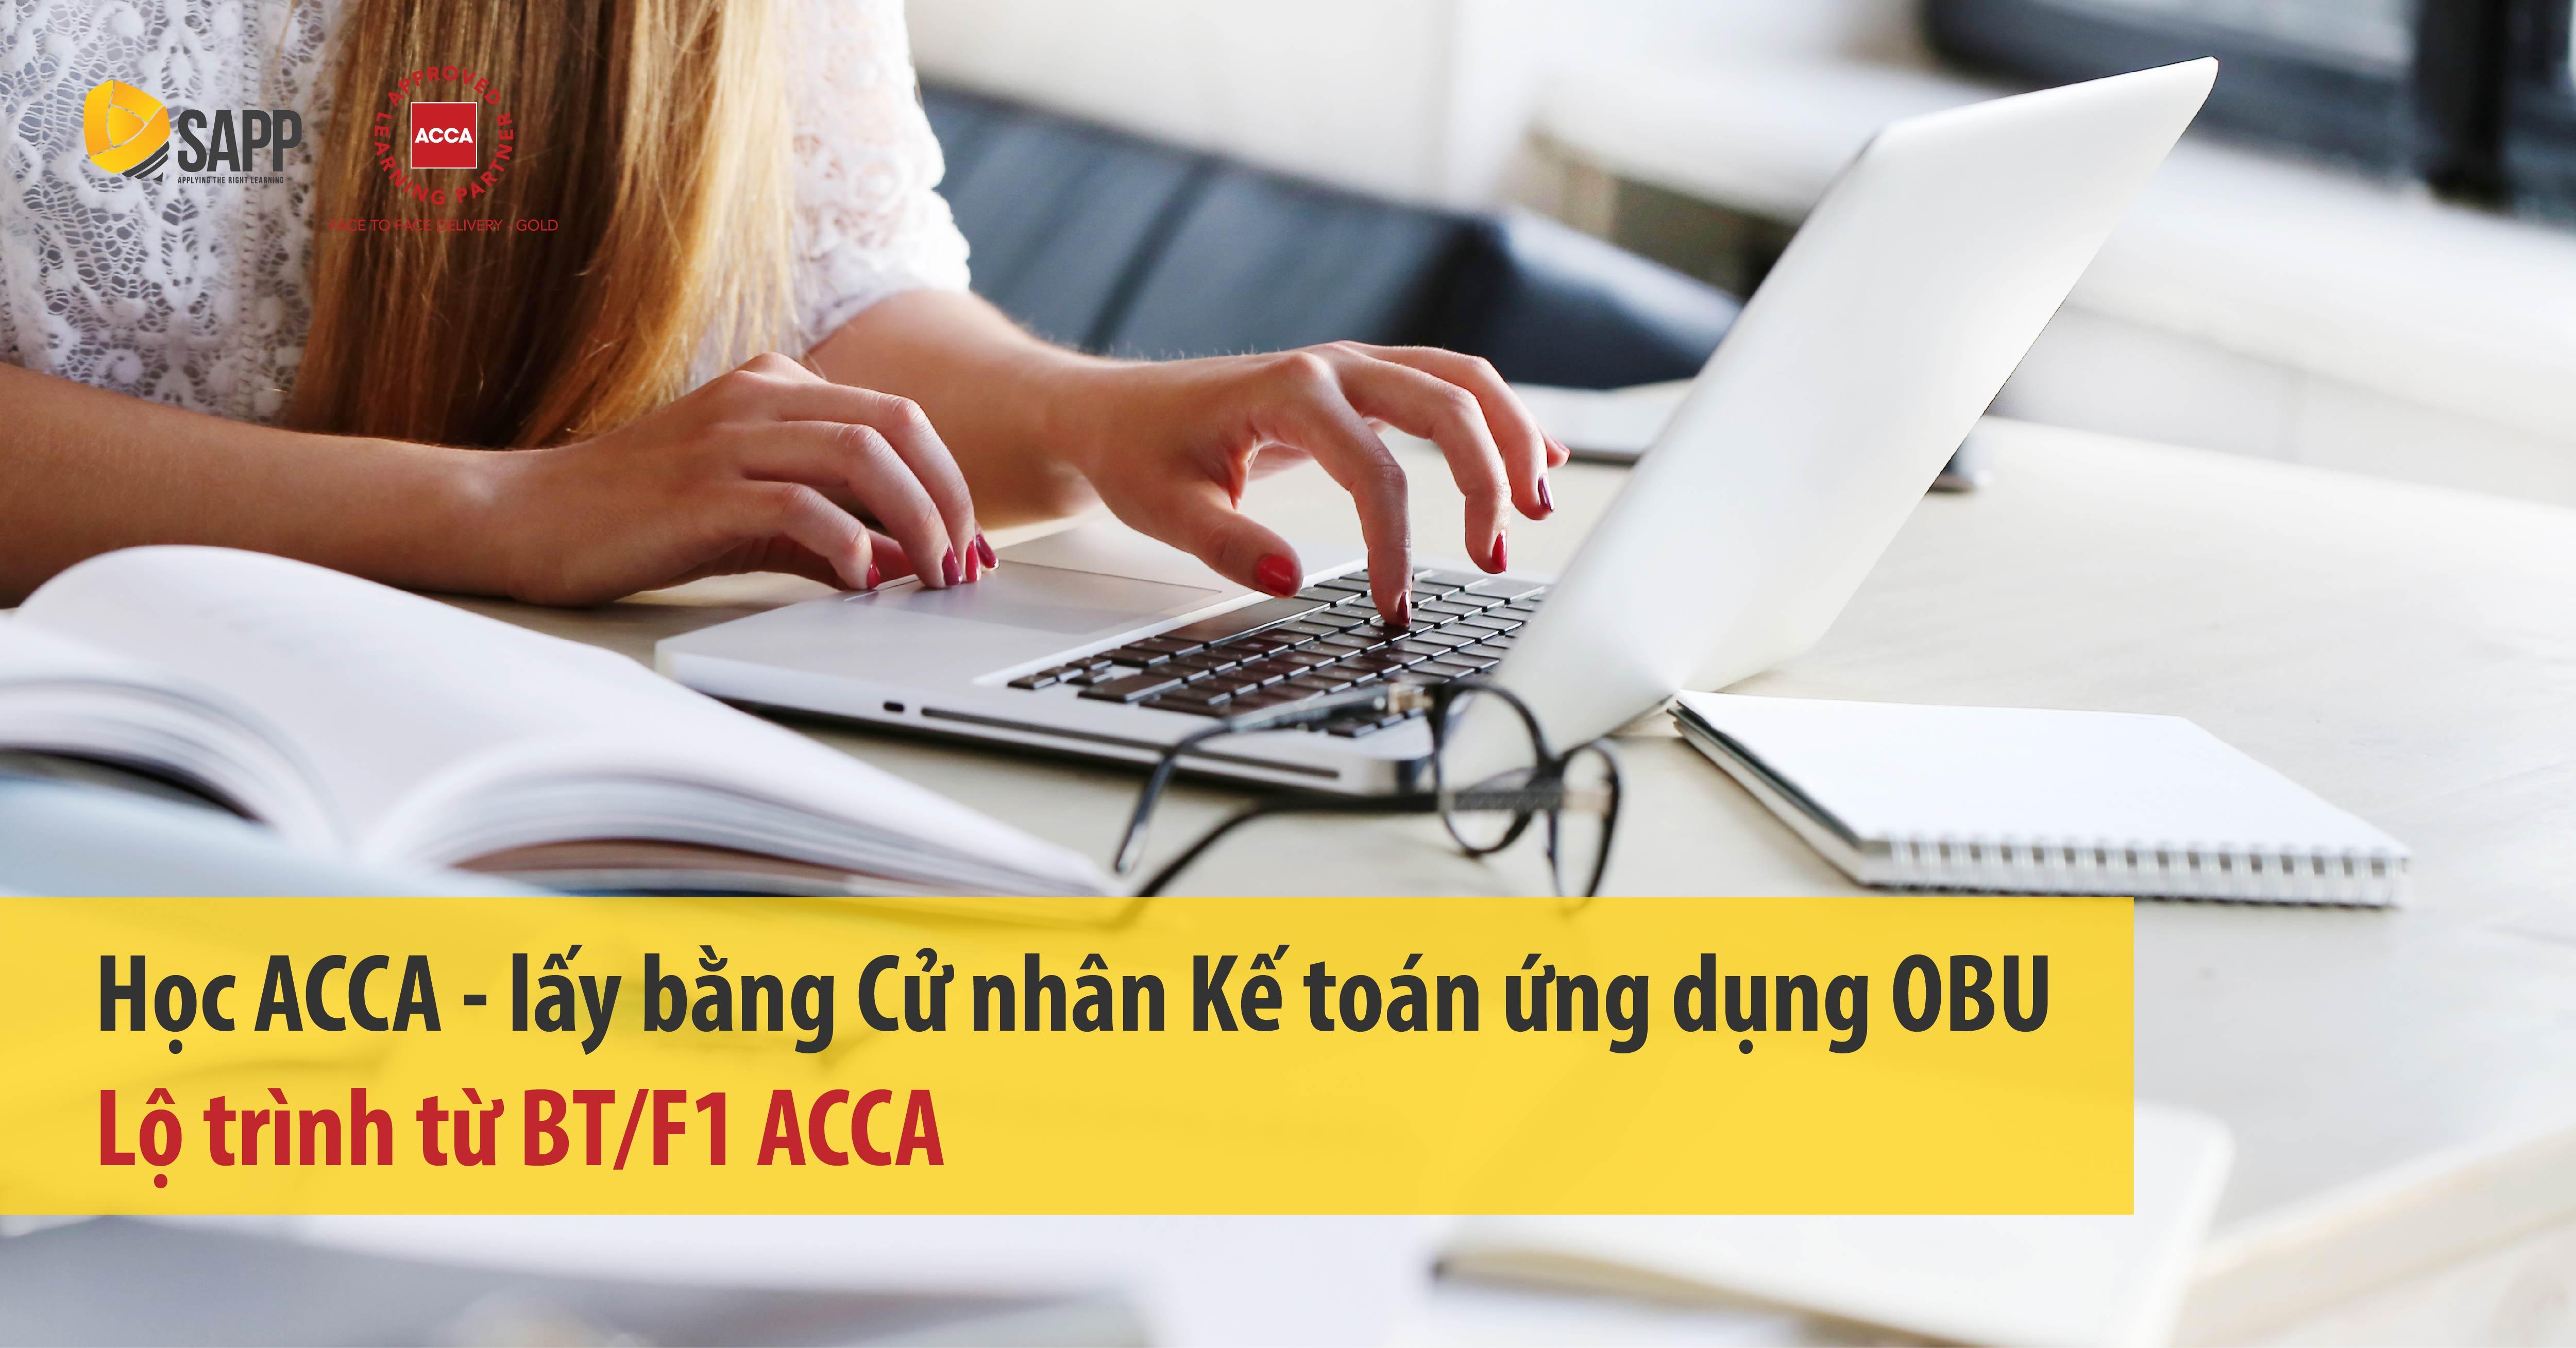 Học ACCA - lấy bằng Cử nhân Kế toán ứng dụng OBU - Lộ trình từ BT/F1 ACCA